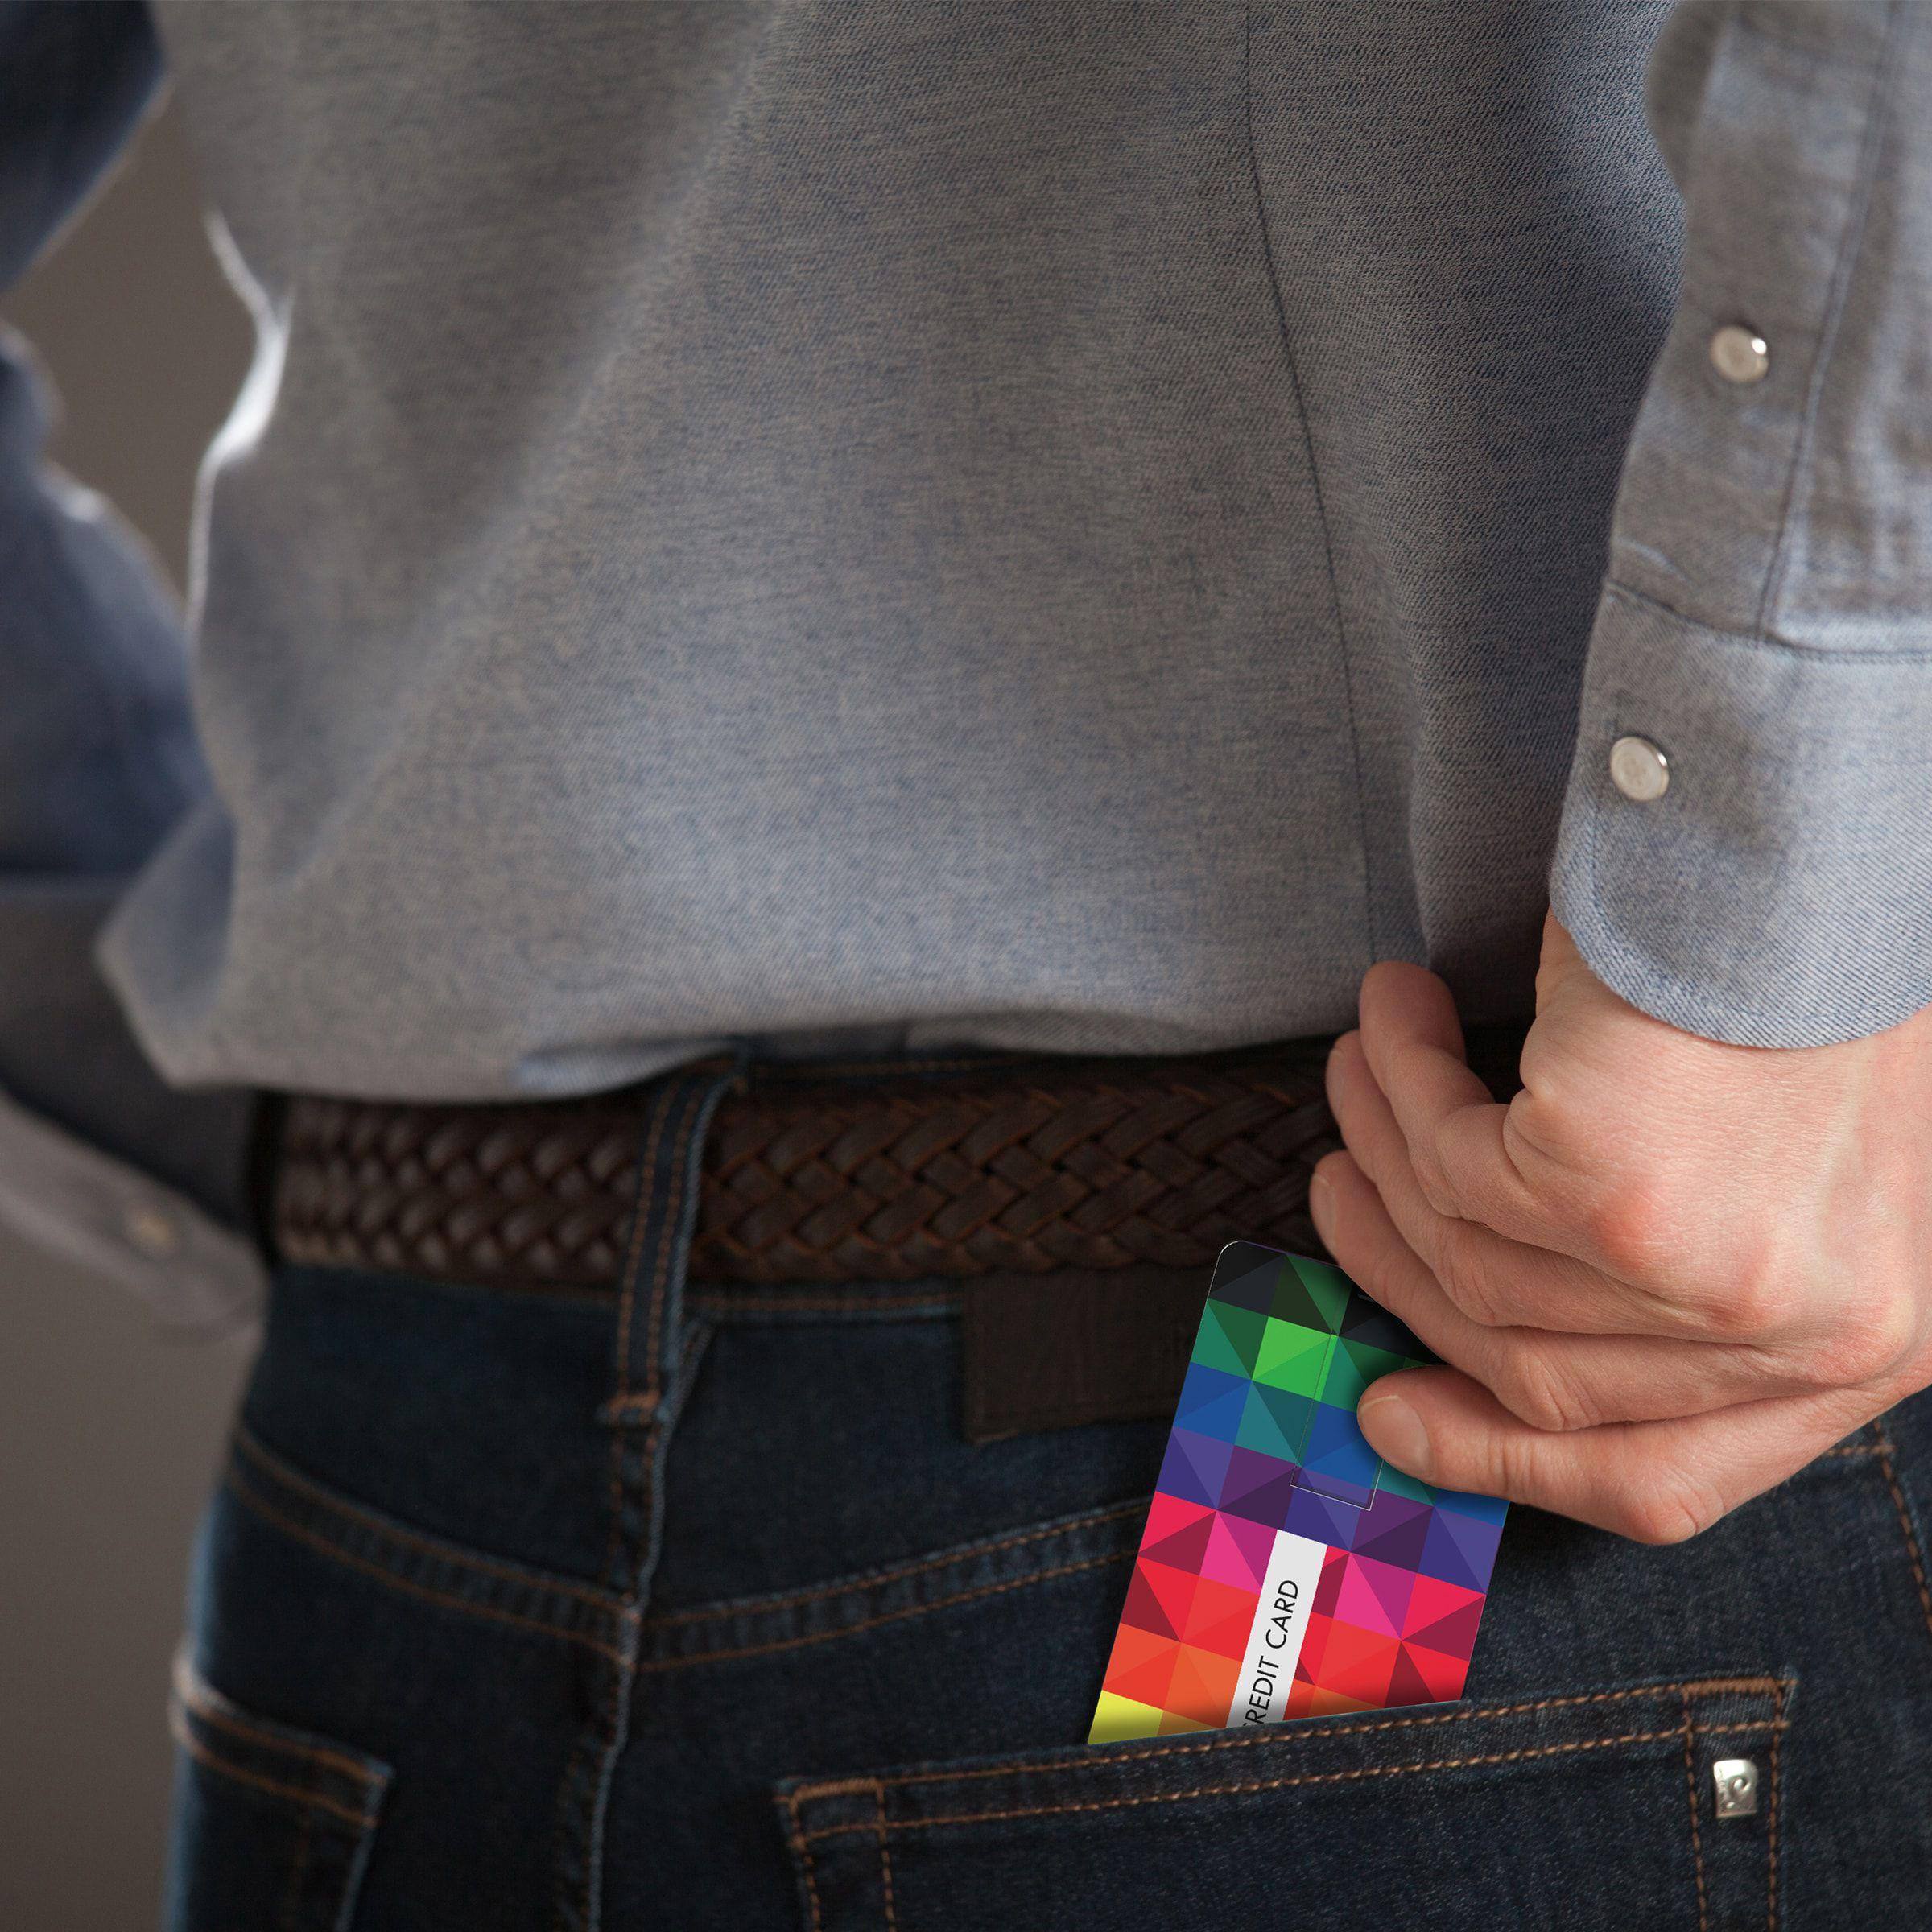 Tarjetas usb personalizadas de bolsillo